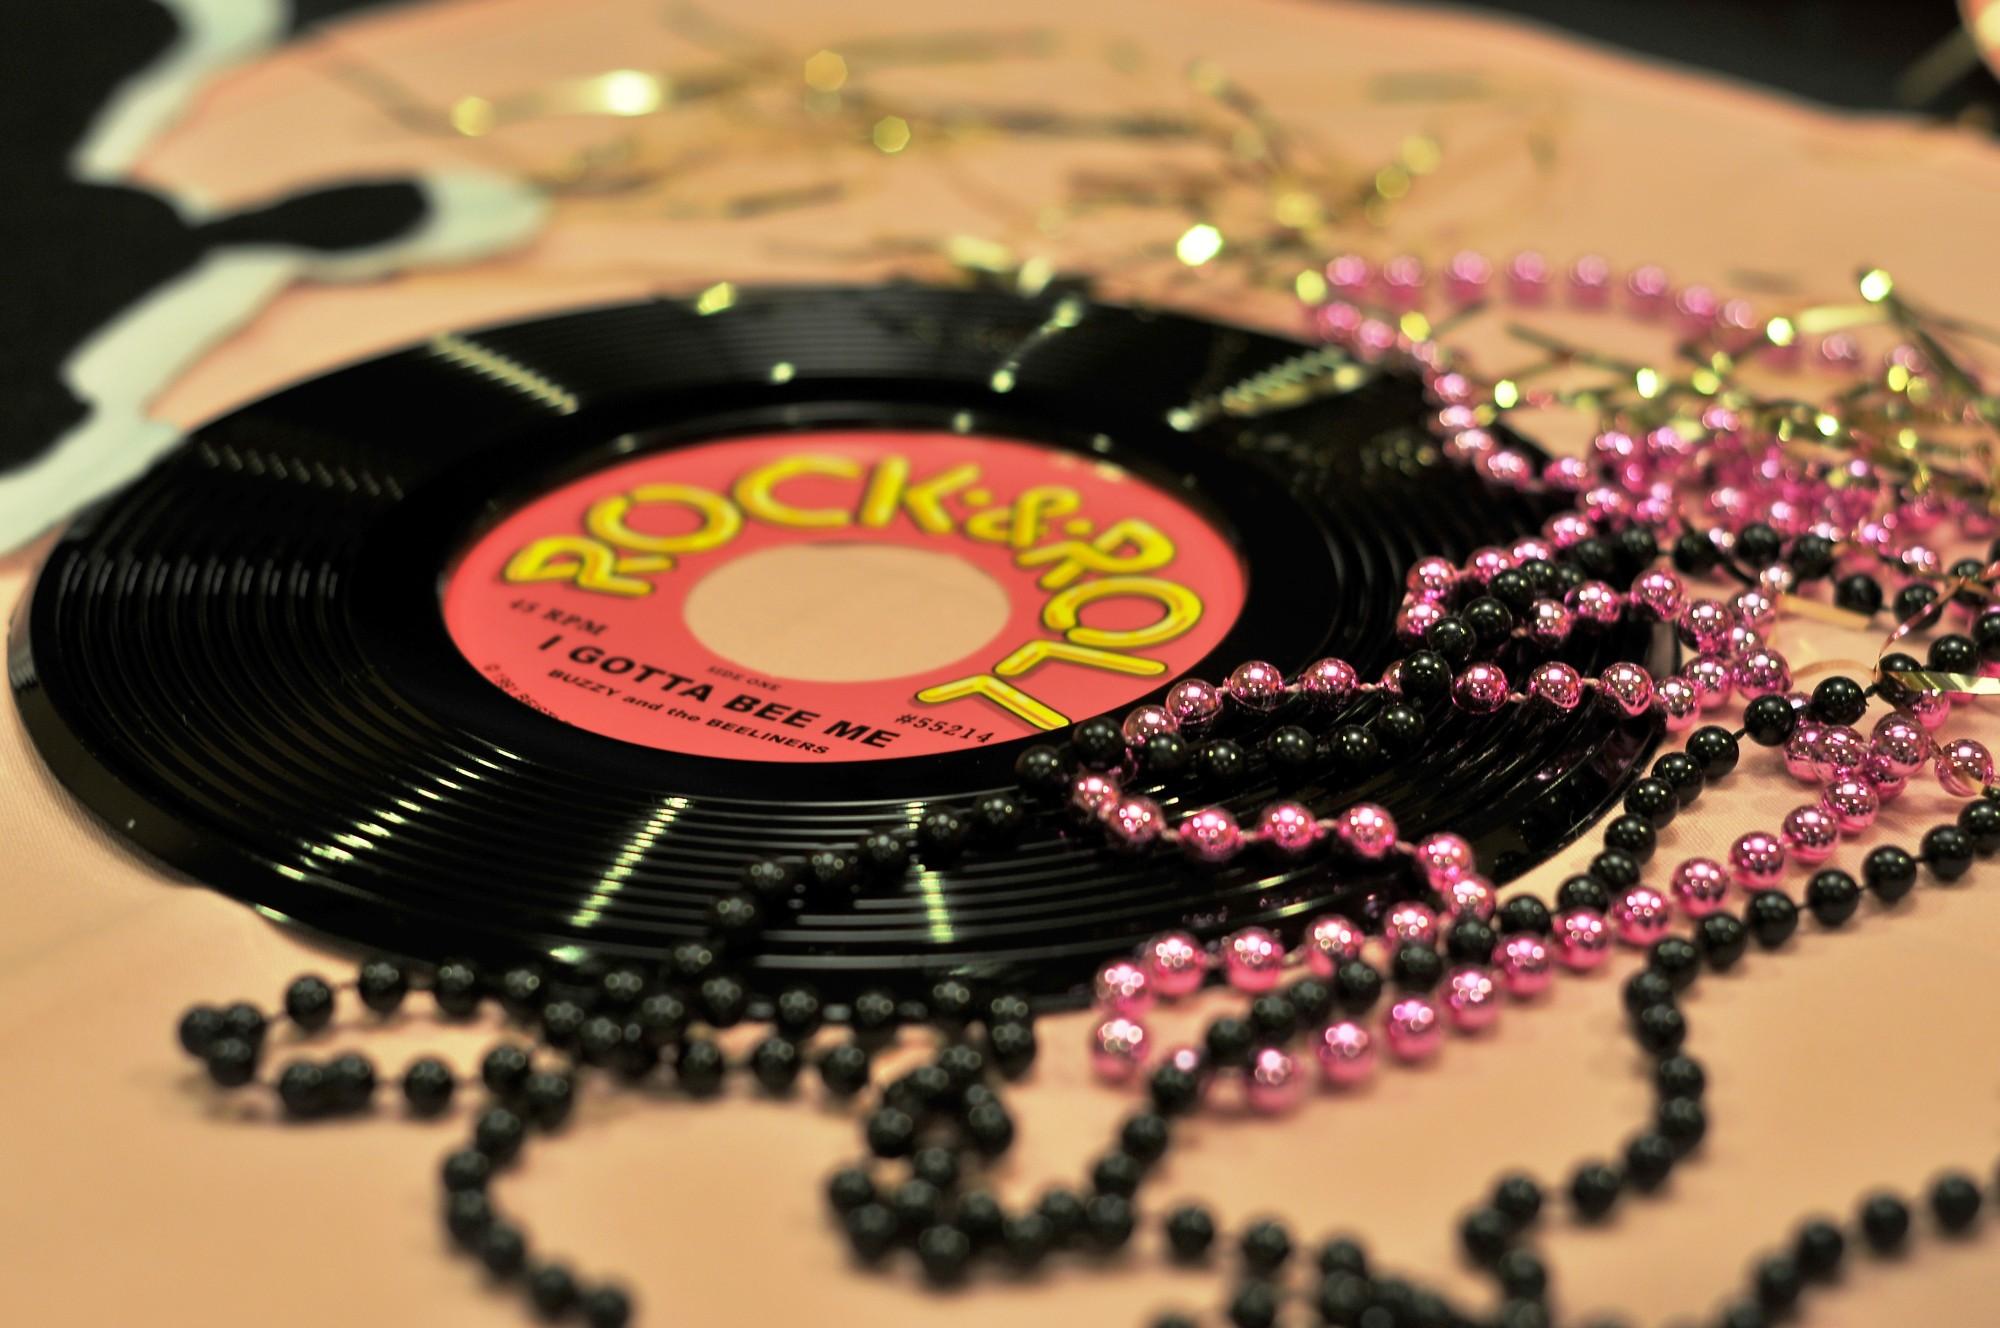 Rock & Roll New Years Eve Sneak Peek Photo